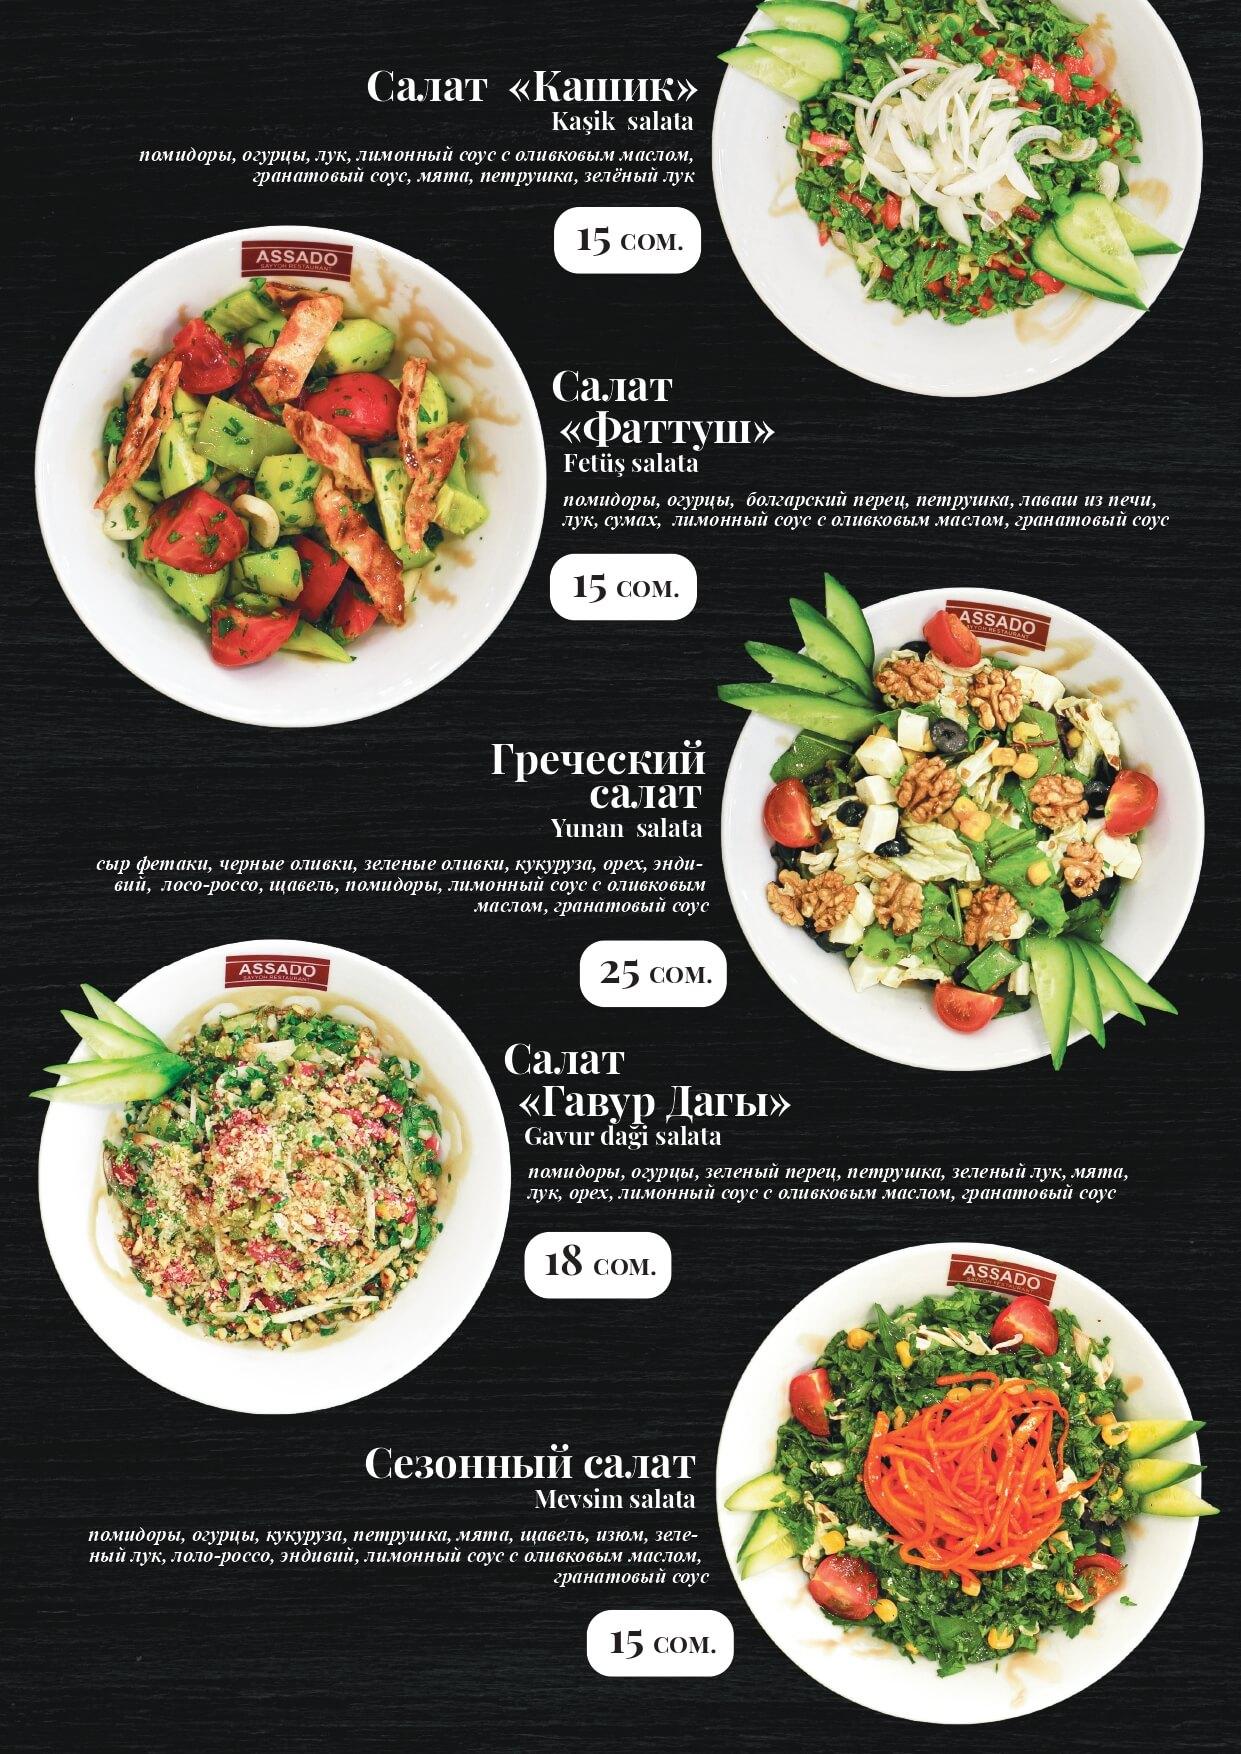 Assado_menu_page-0010